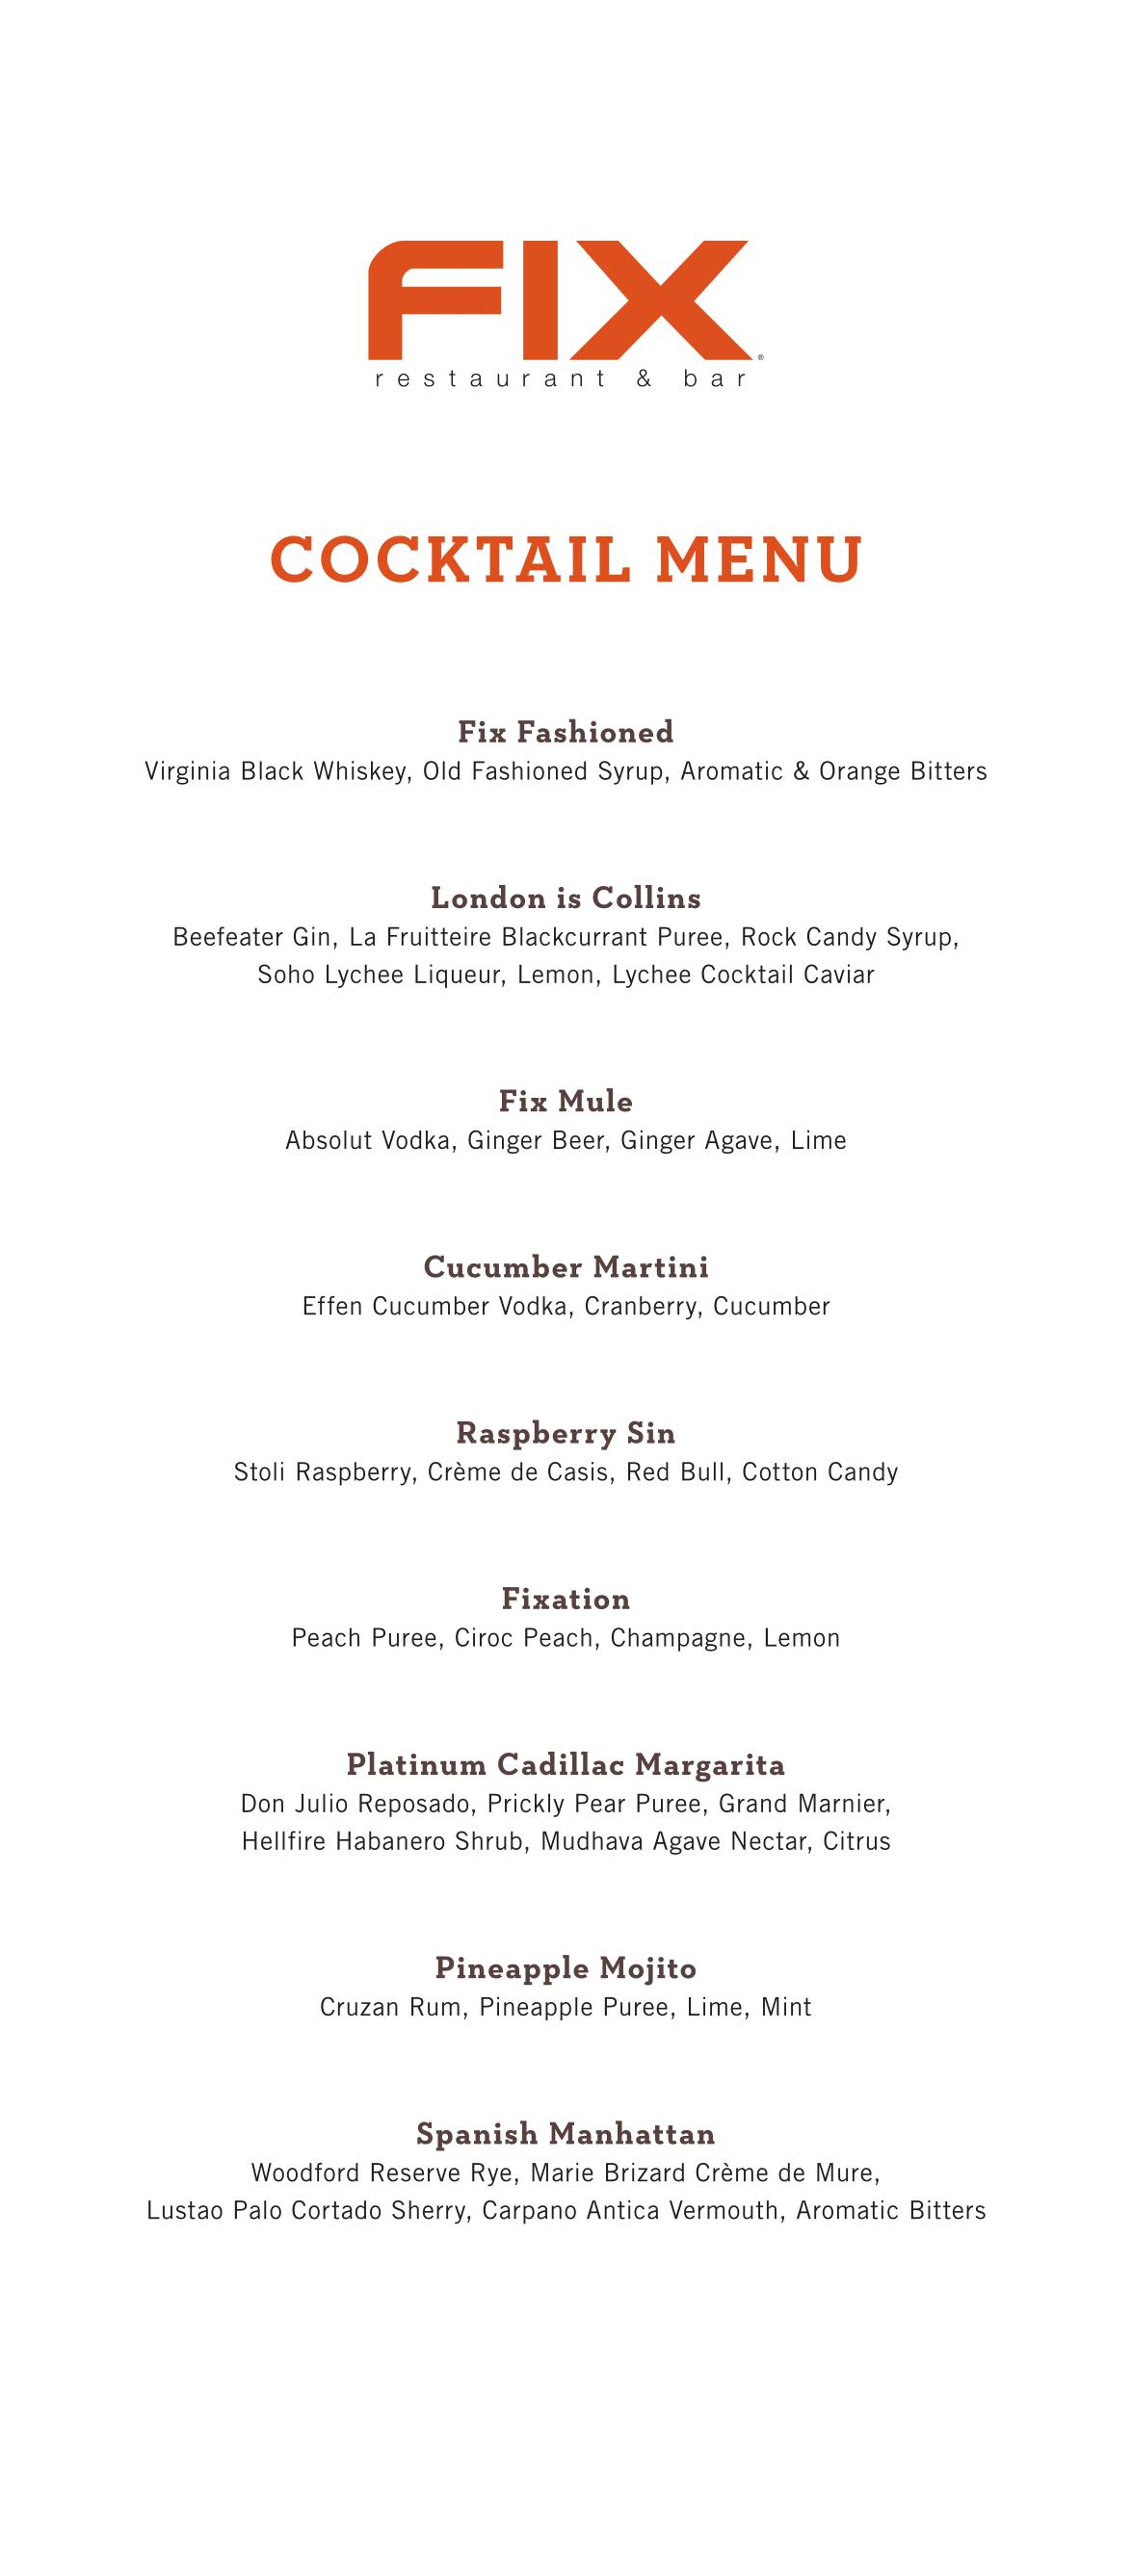 Fix Las Vegas Cocktail Menu